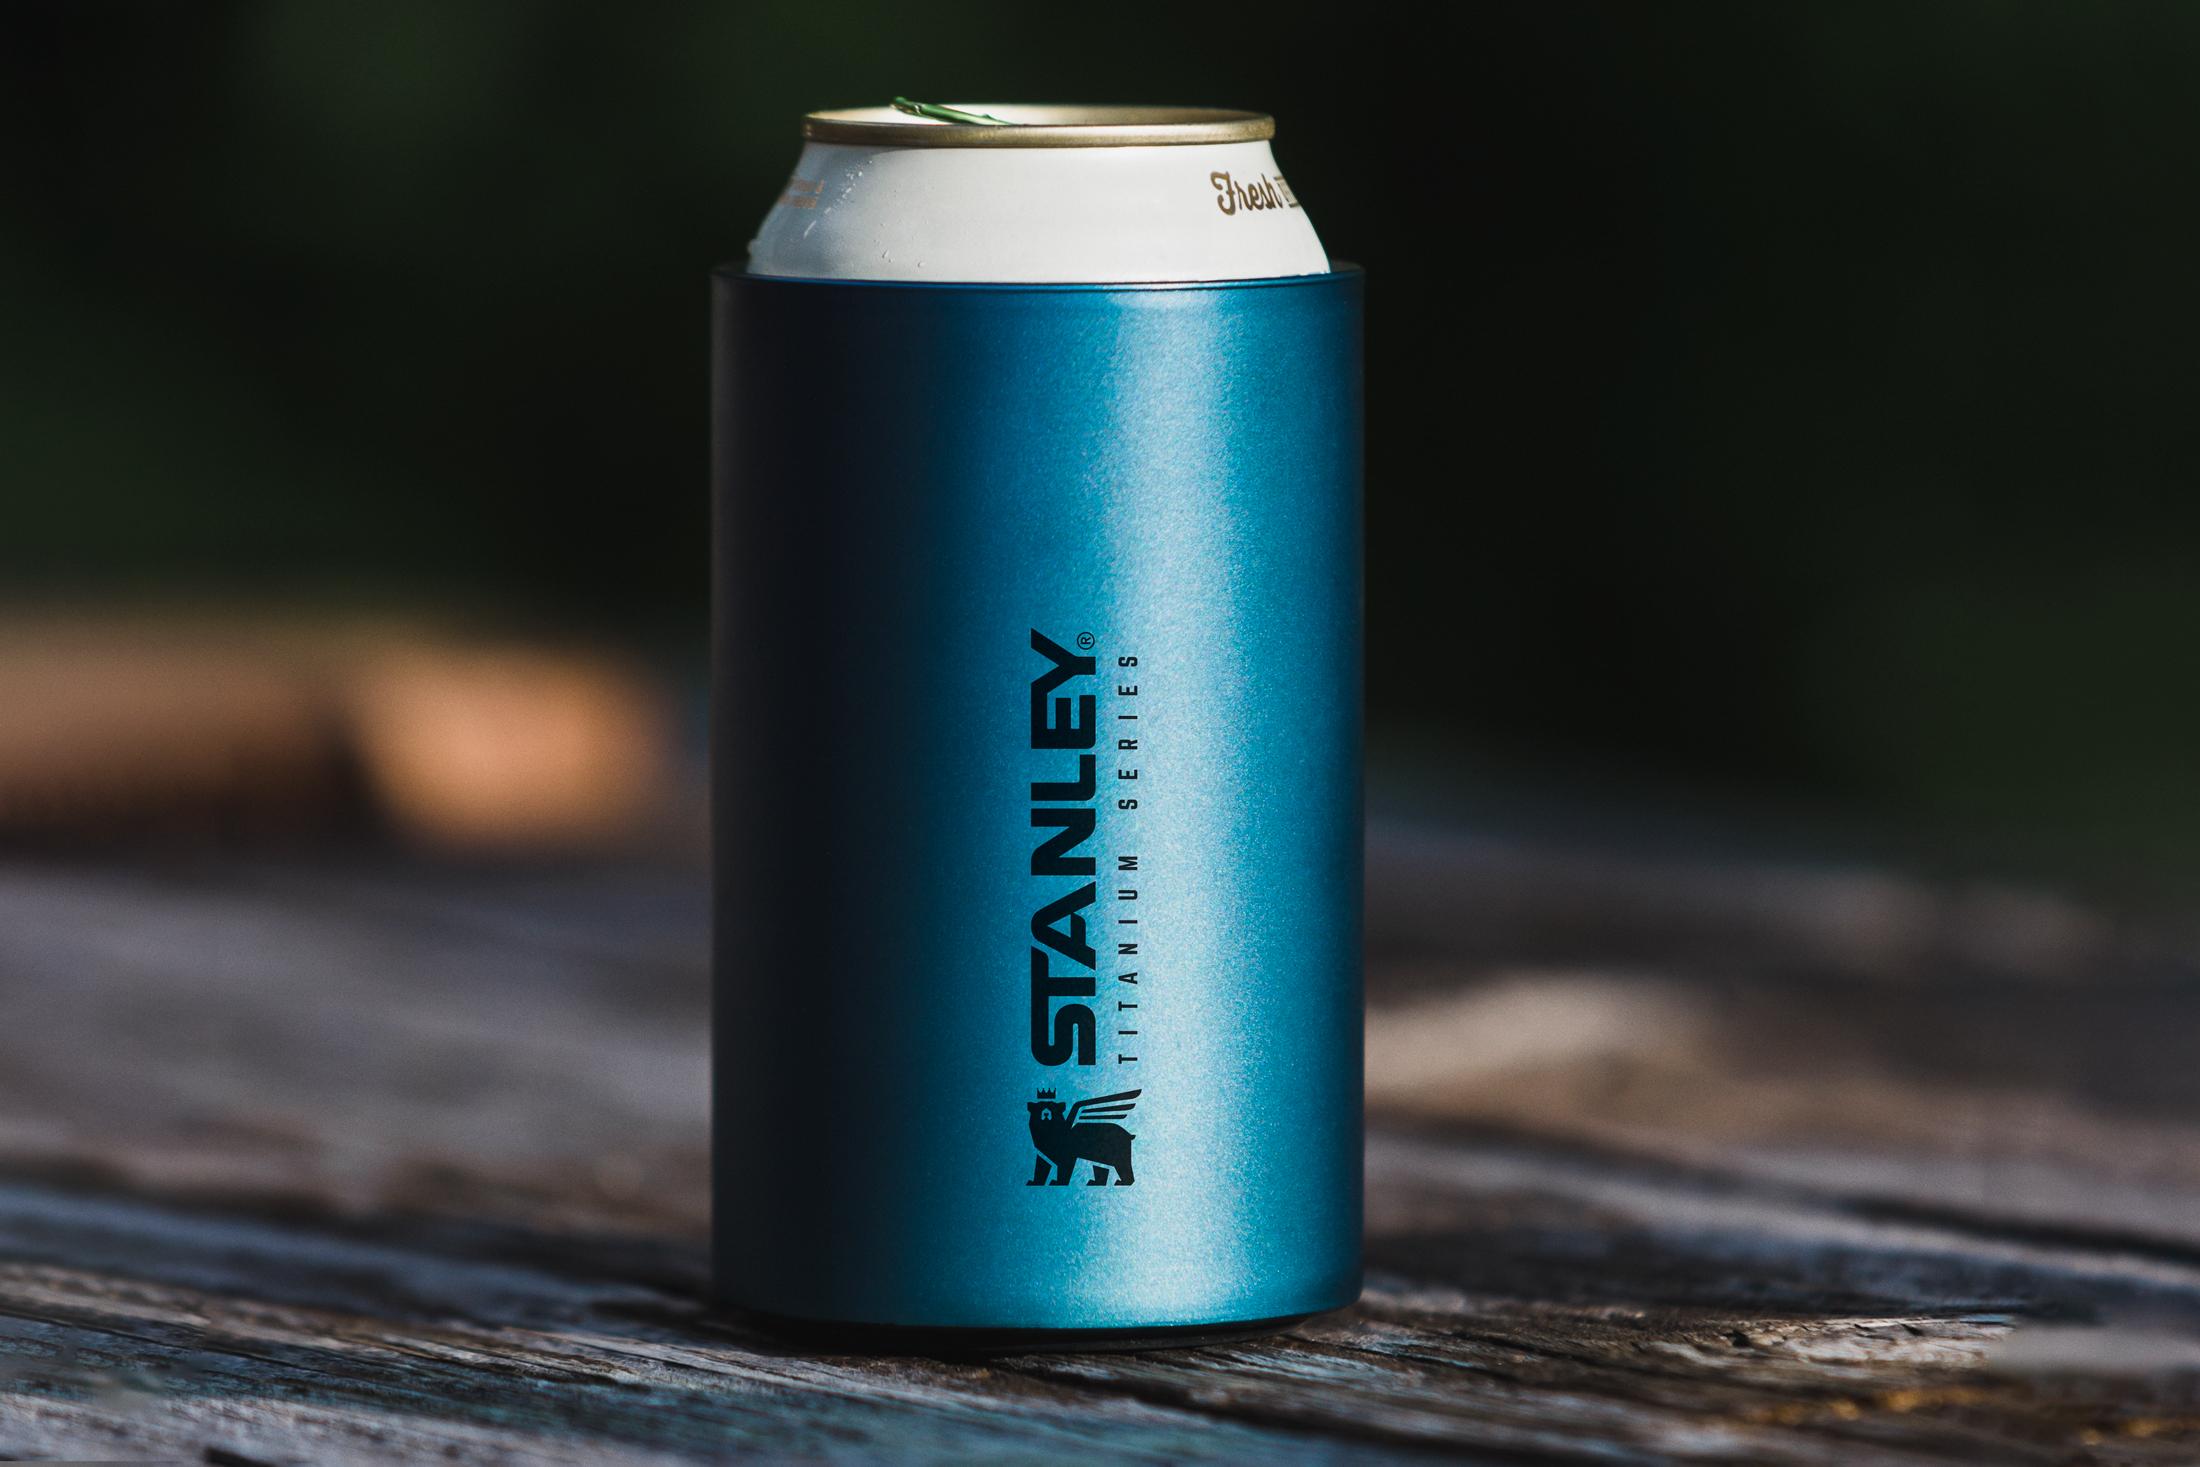 Cốc giữ nhiệt Stanley The Stay-Hot Titanium MultiCup - 10 oz có thể fit lon bia thông dụng